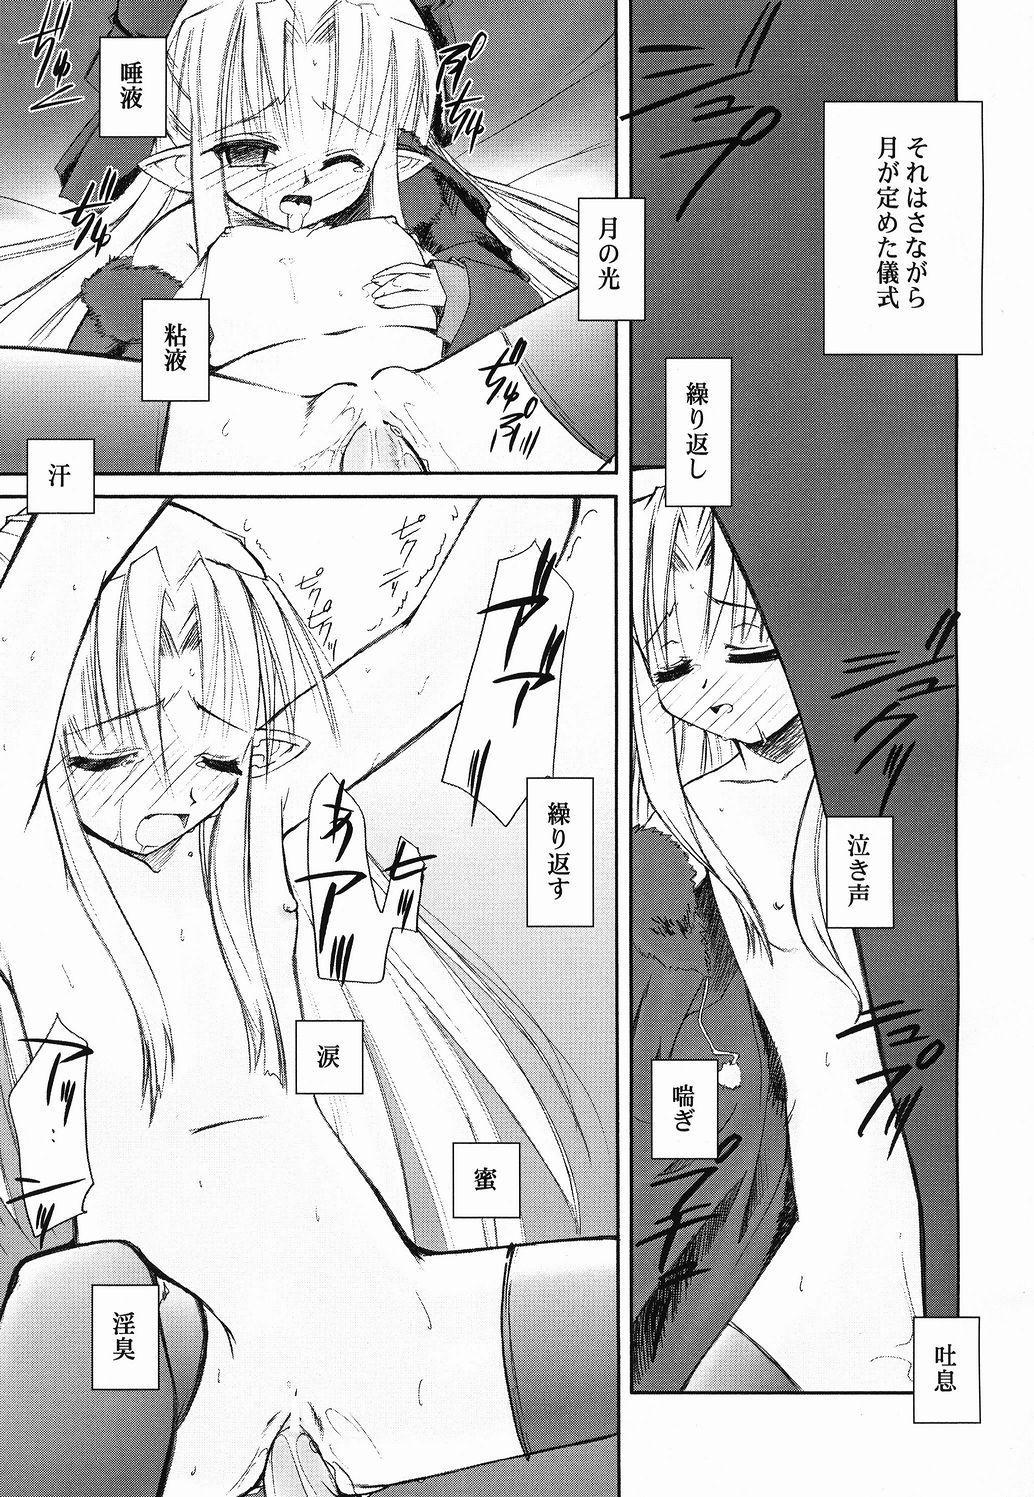 Taiyou to Tsuki ni Somuite 23